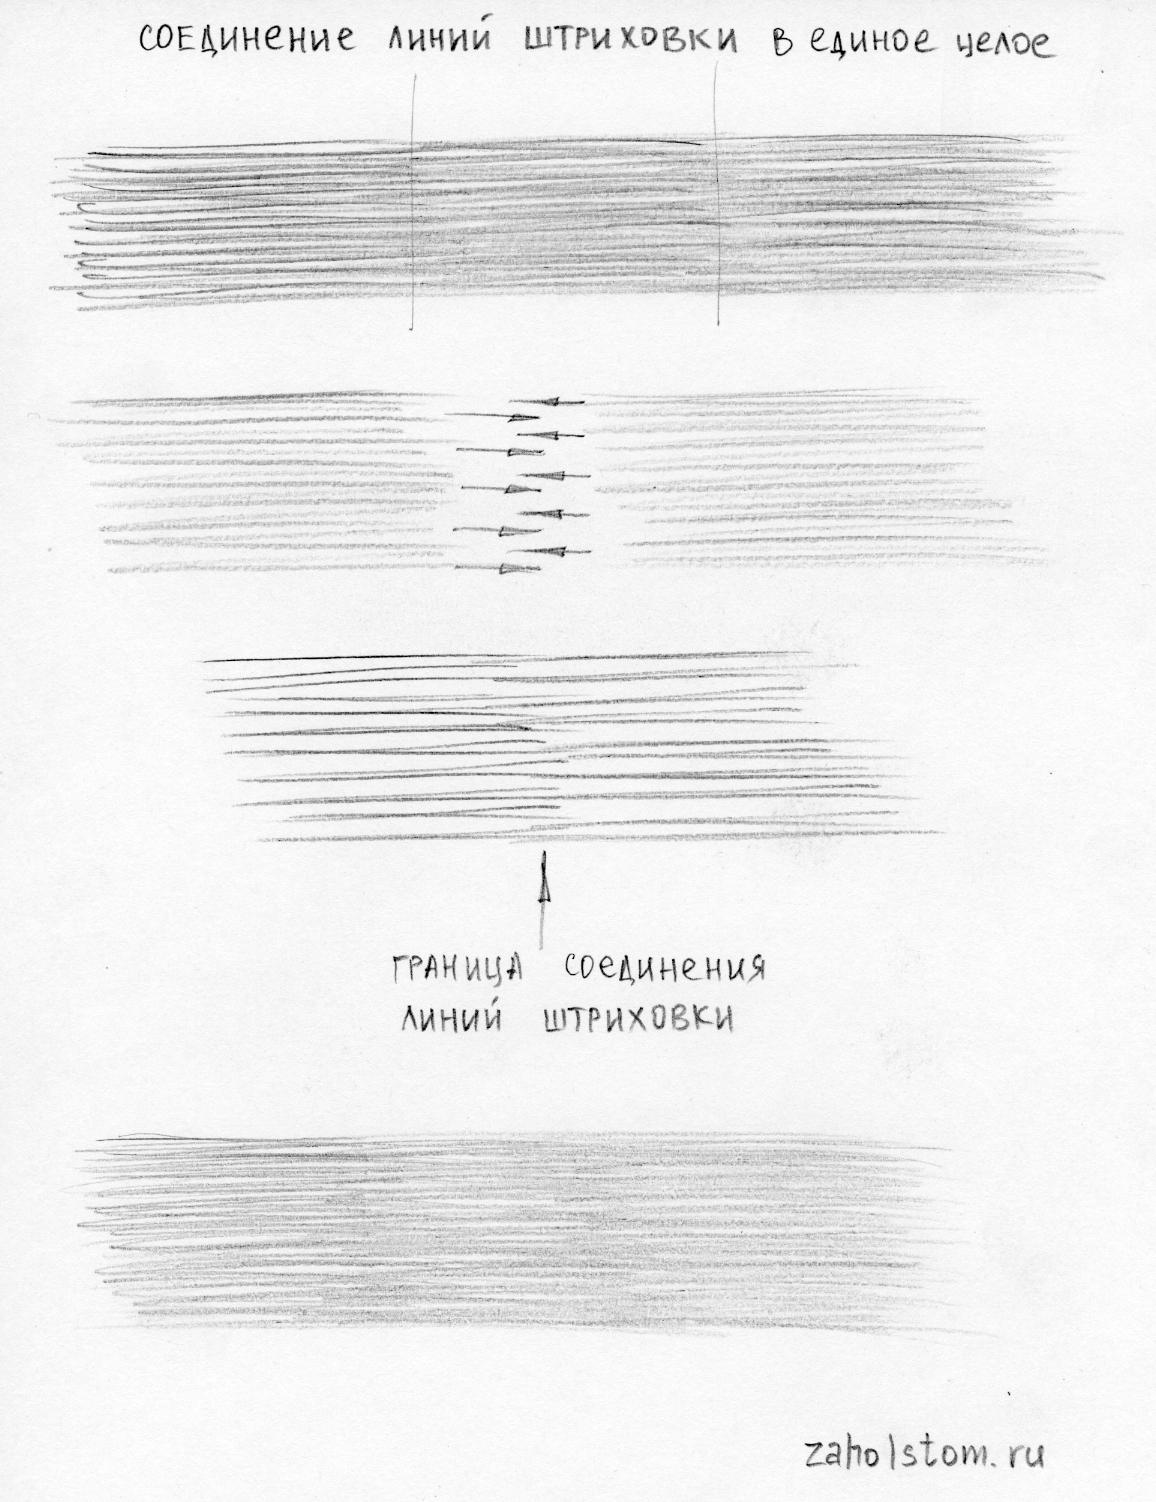 Соединение линий штриховки